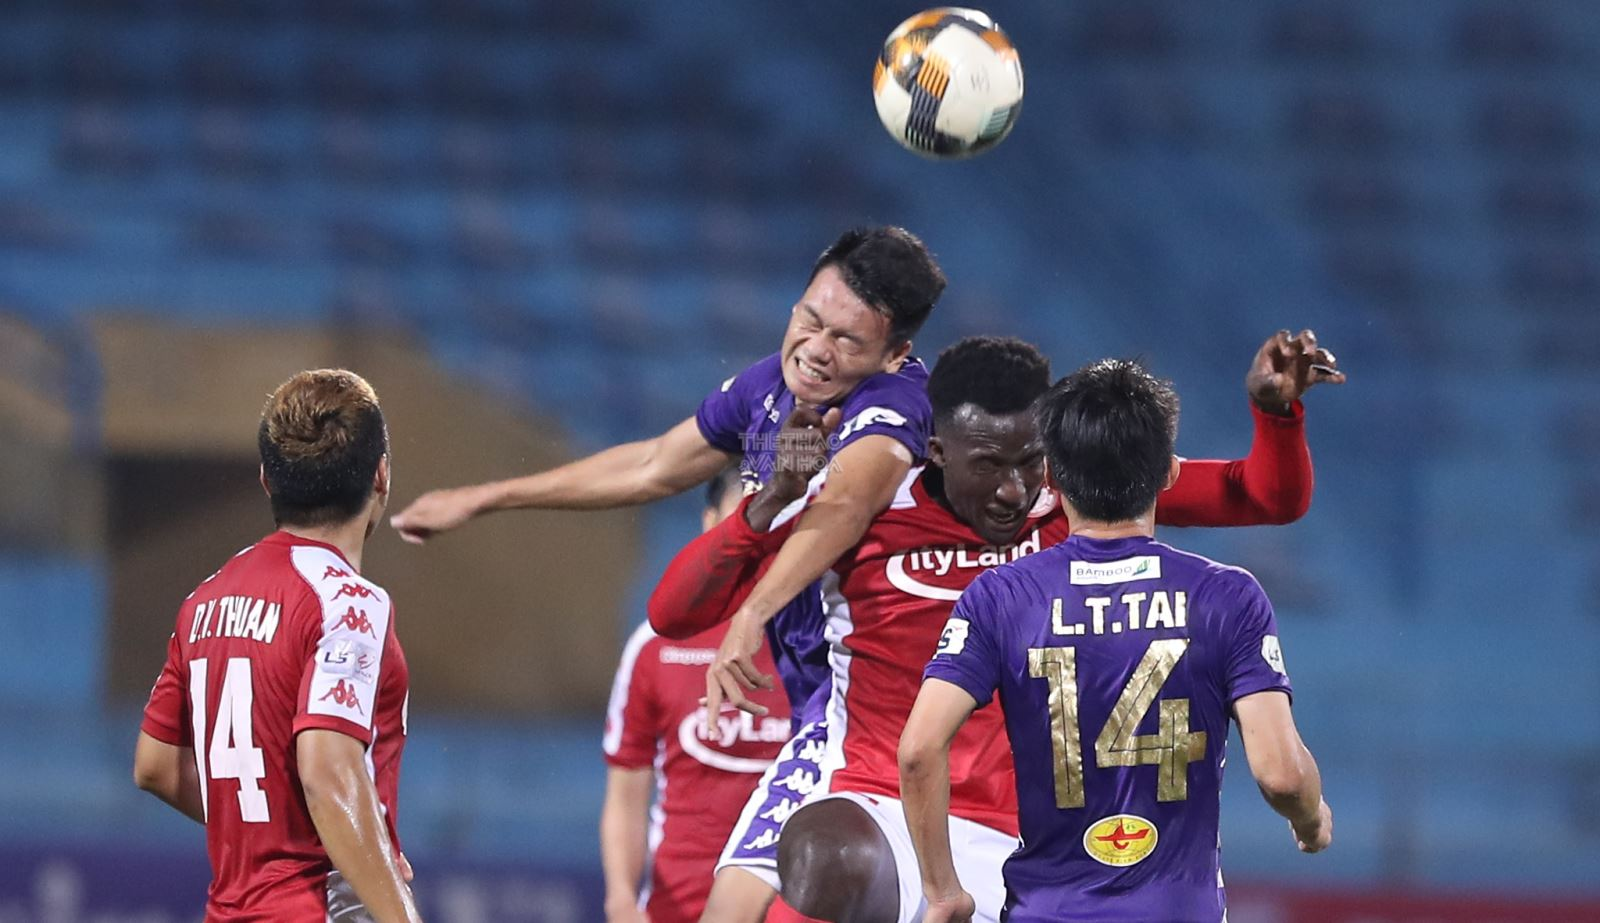 bóng đá Việt Nam, tin tức bóng đá, bong da, tin bong da, vòng 3 V-League, lịch thi đấu vòng 3 V-League, hoãn trận Than QN vs TPHCM, Viettel, BXH V-League